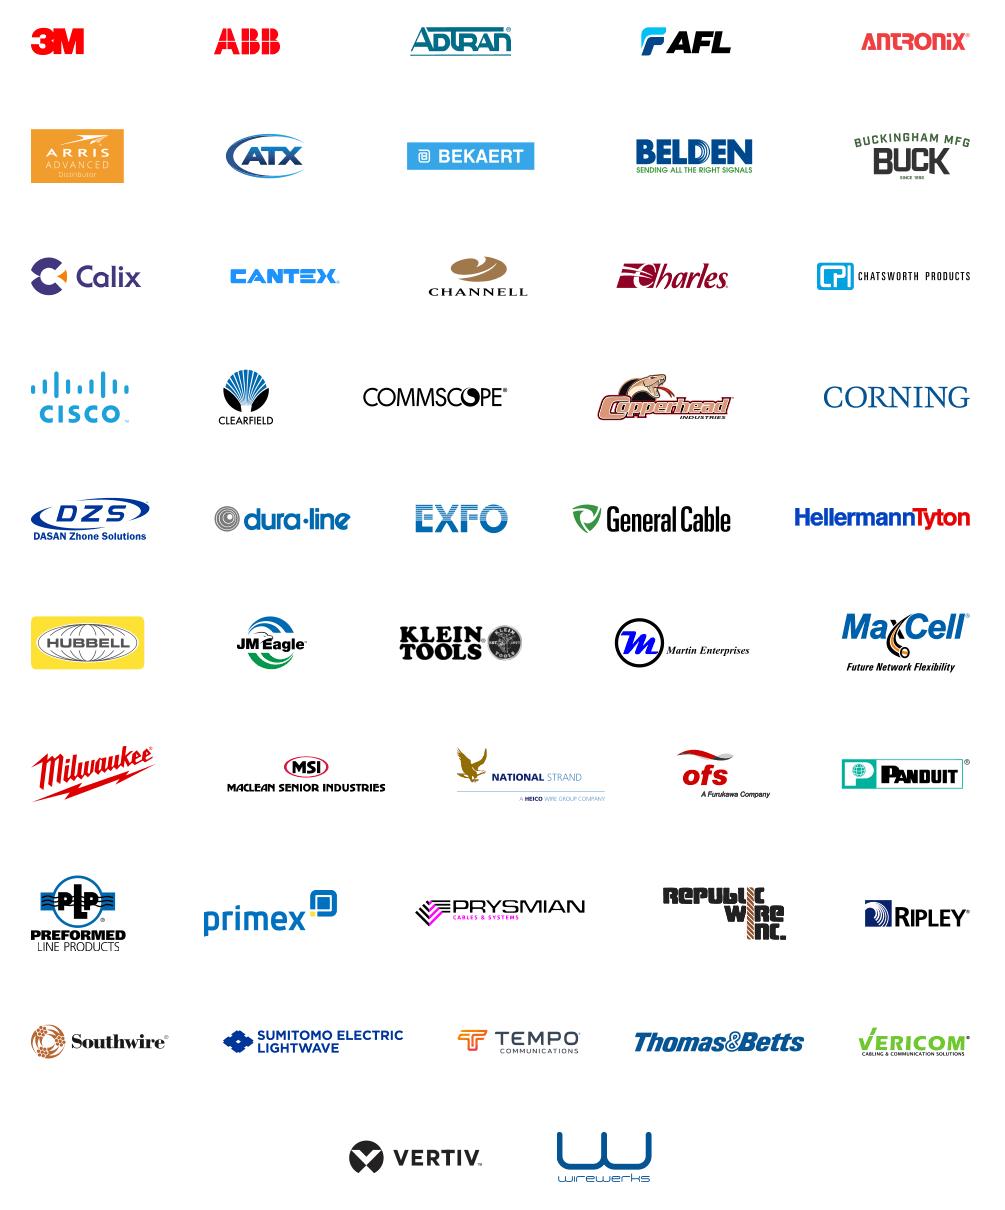 FTTx Logos